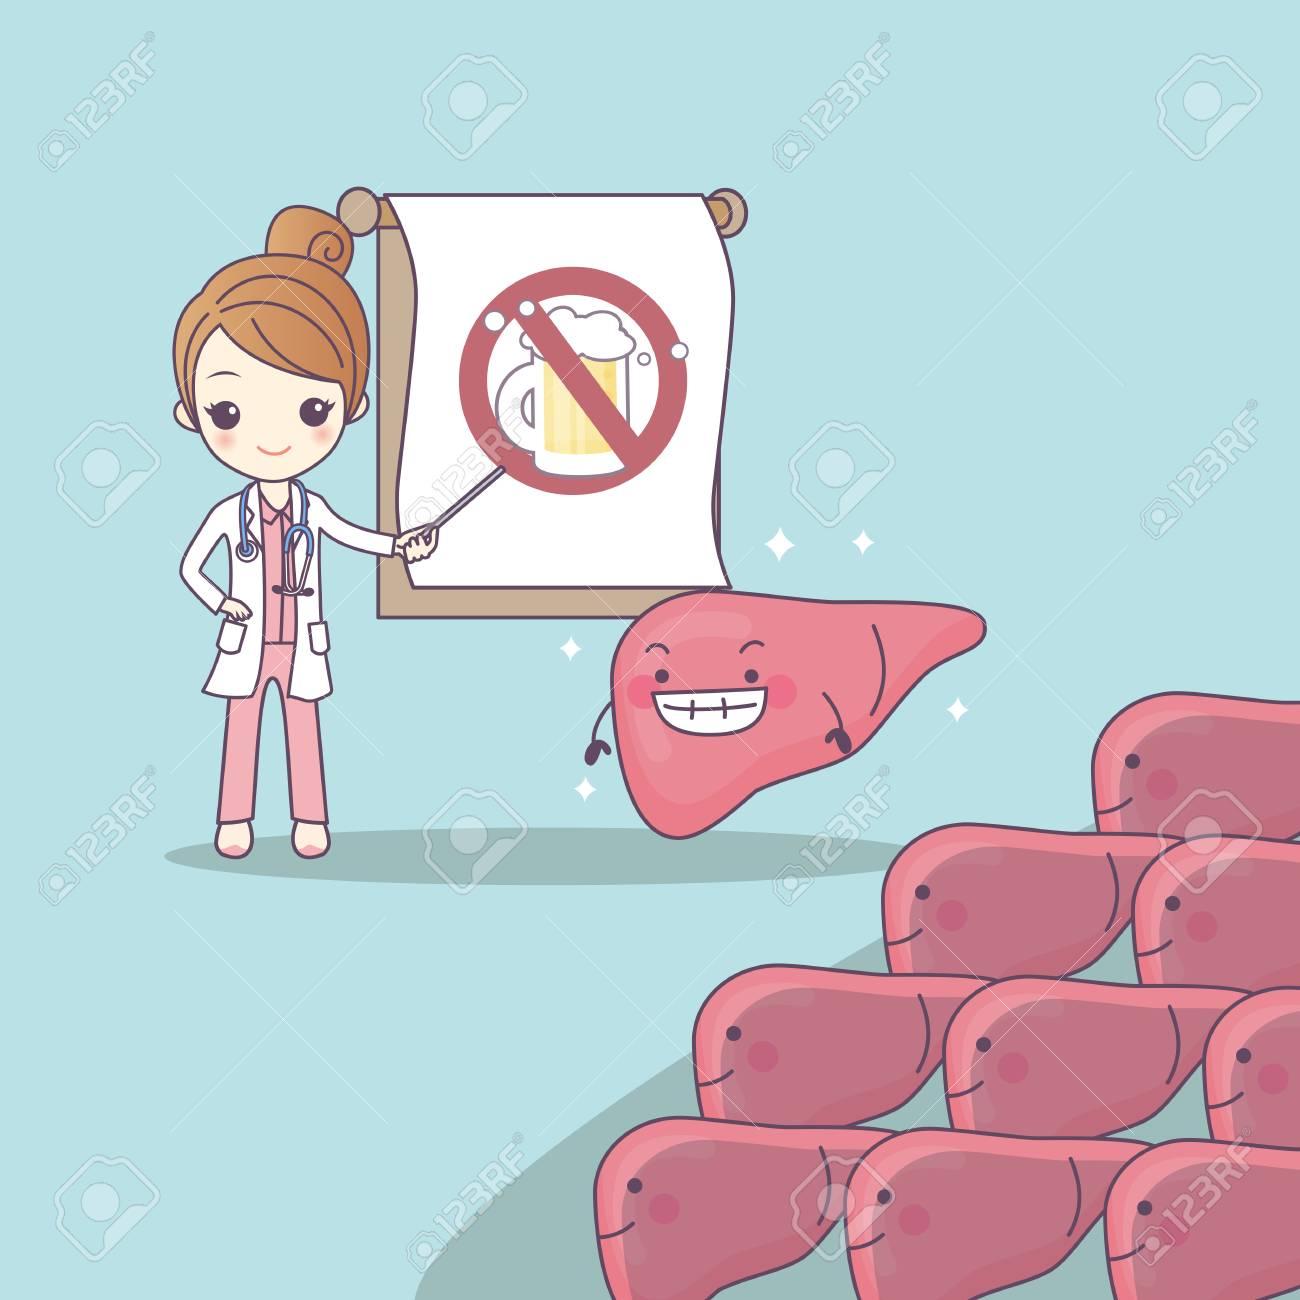 Dibujos Animados Médico Enseñar Hígado Para Ser La Salud Gran Concepto De Cuidado De La Salud